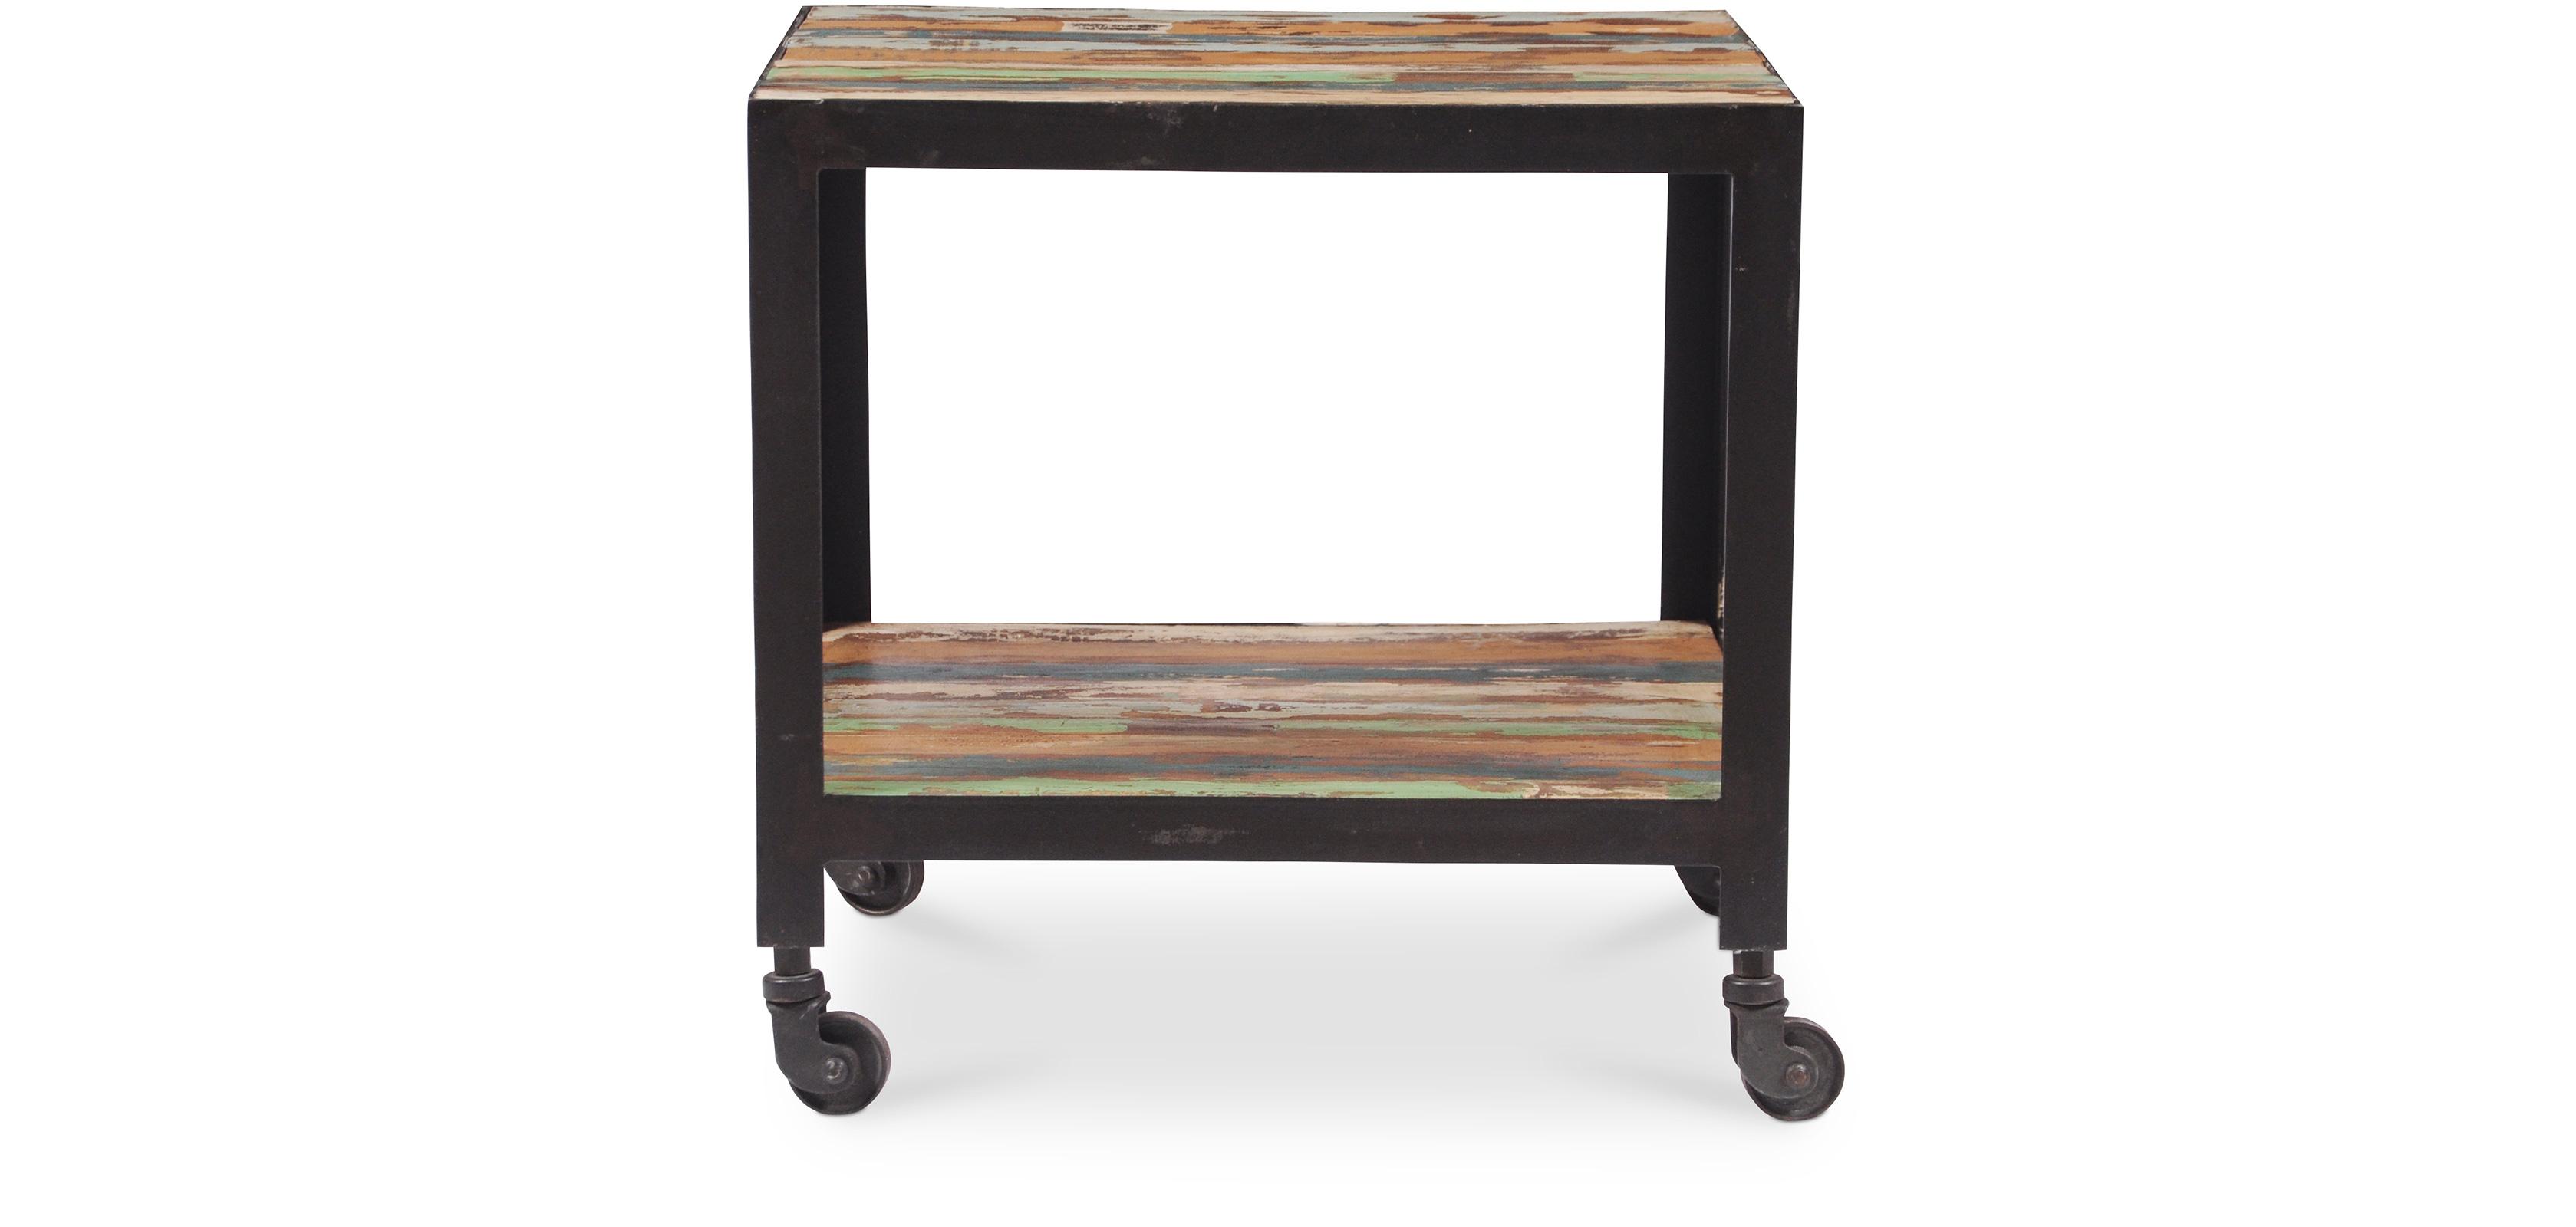 table d 39 appoint vintage industriel bois color. Black Bedroom Furniture Sets. Home Design Ideas